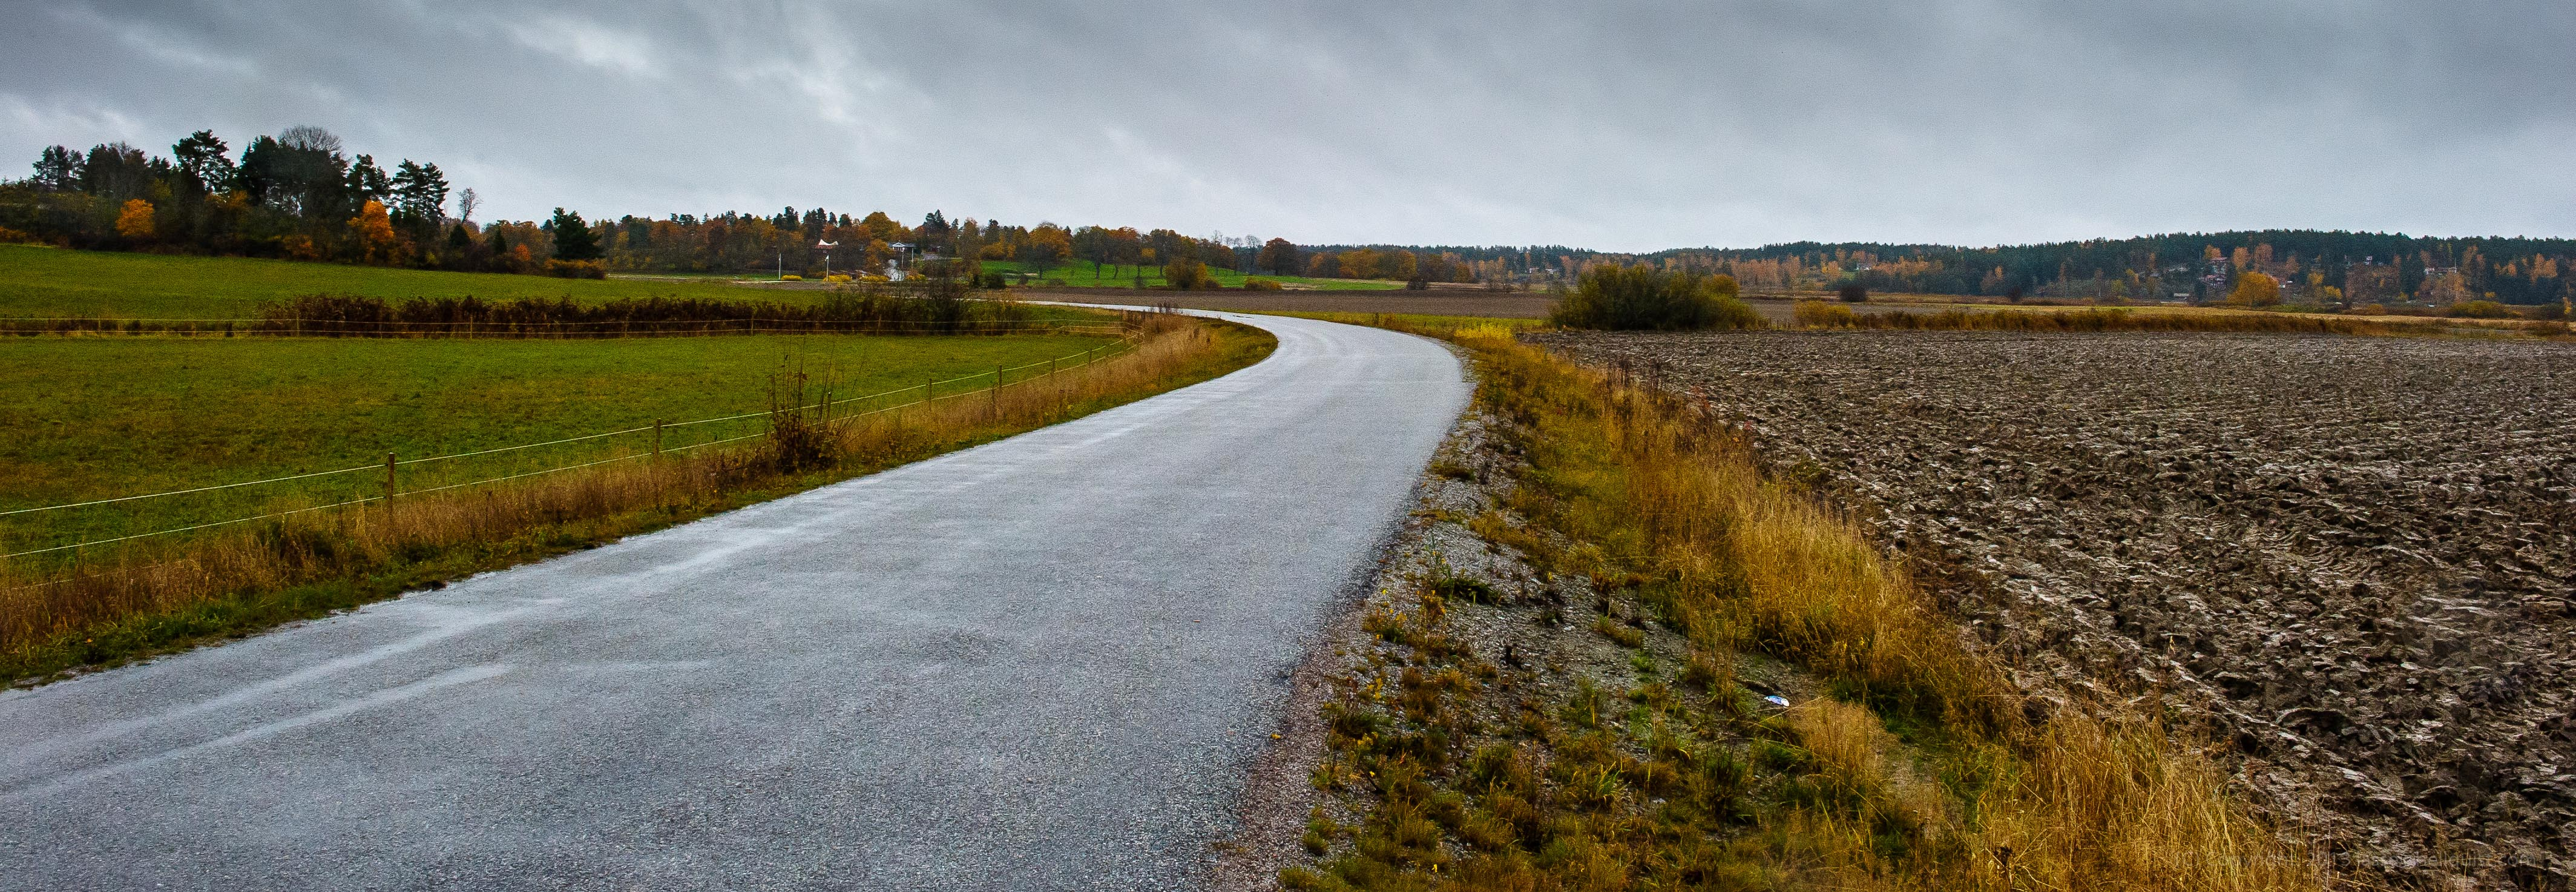 Rapport till Vägverket 2011 om väg 263 av Lars Hellquist